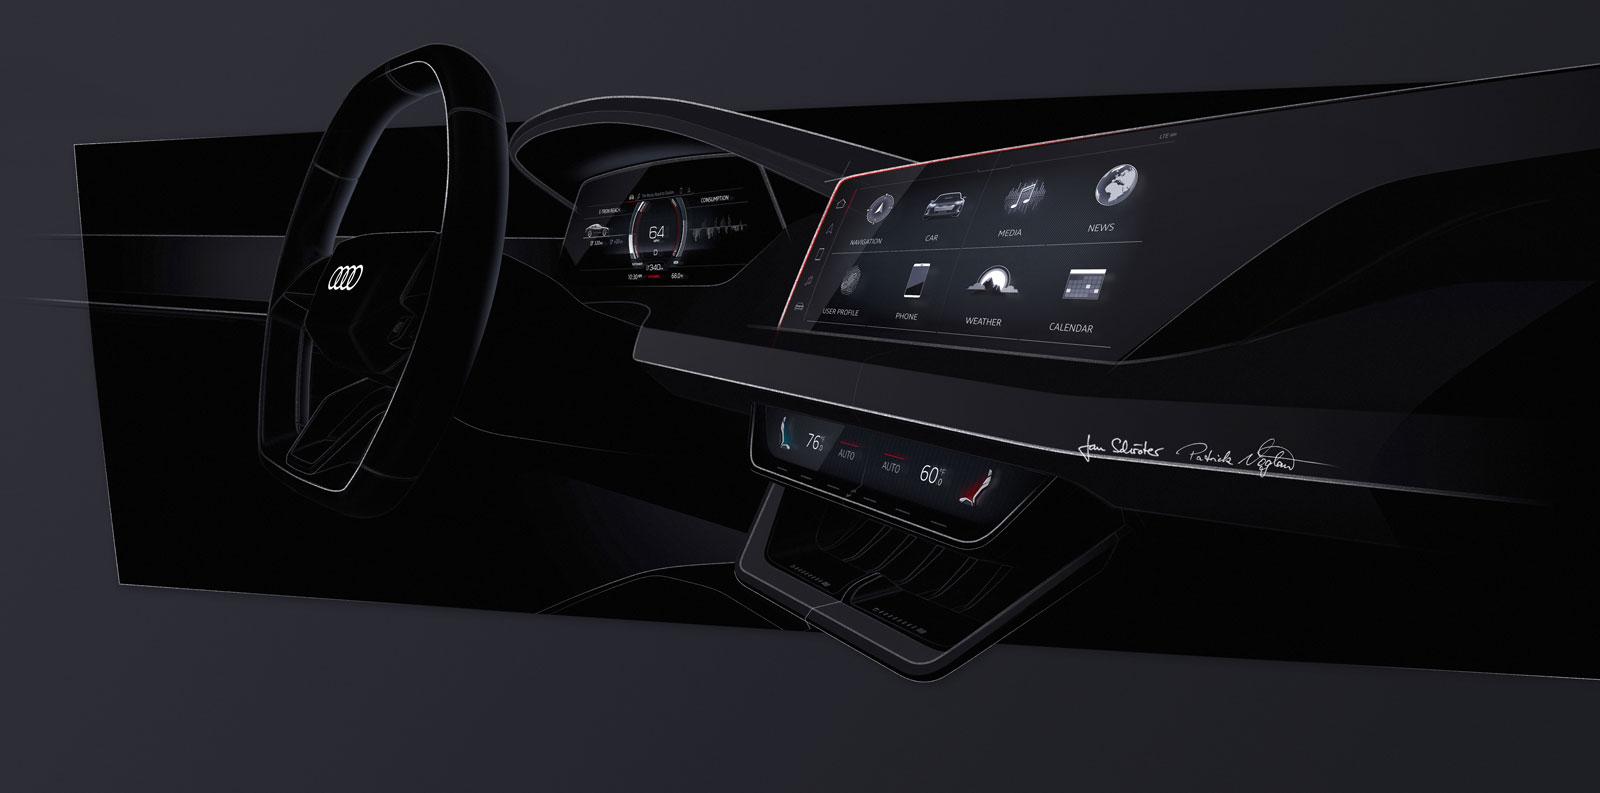 audi e tron gt concept interior design sketch render car body design car body design